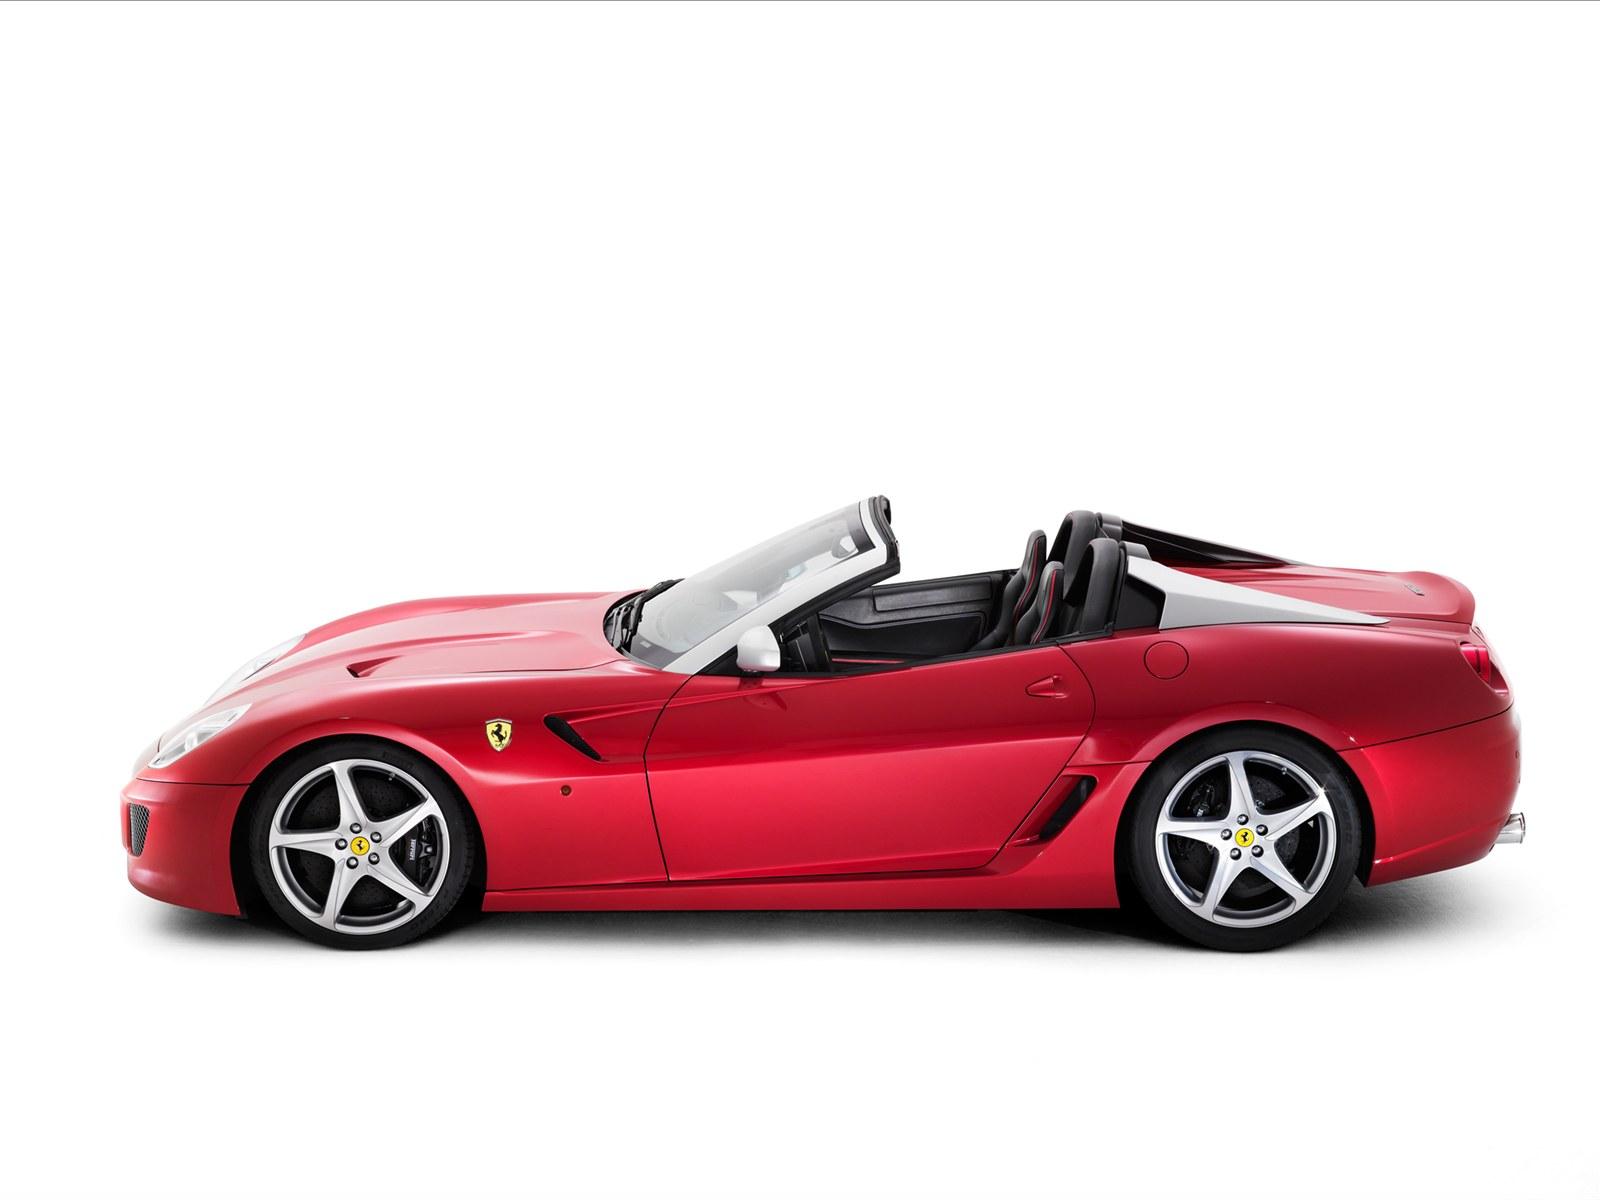 http://1.bp.blogspot.com/-087vrGlNDoI/TZKaRlVyG-I/AAAAAAAABcc/Wwz-PZWPMPM/s1600/Ferrari+599+SA+Aperta+2011+photo.jpg